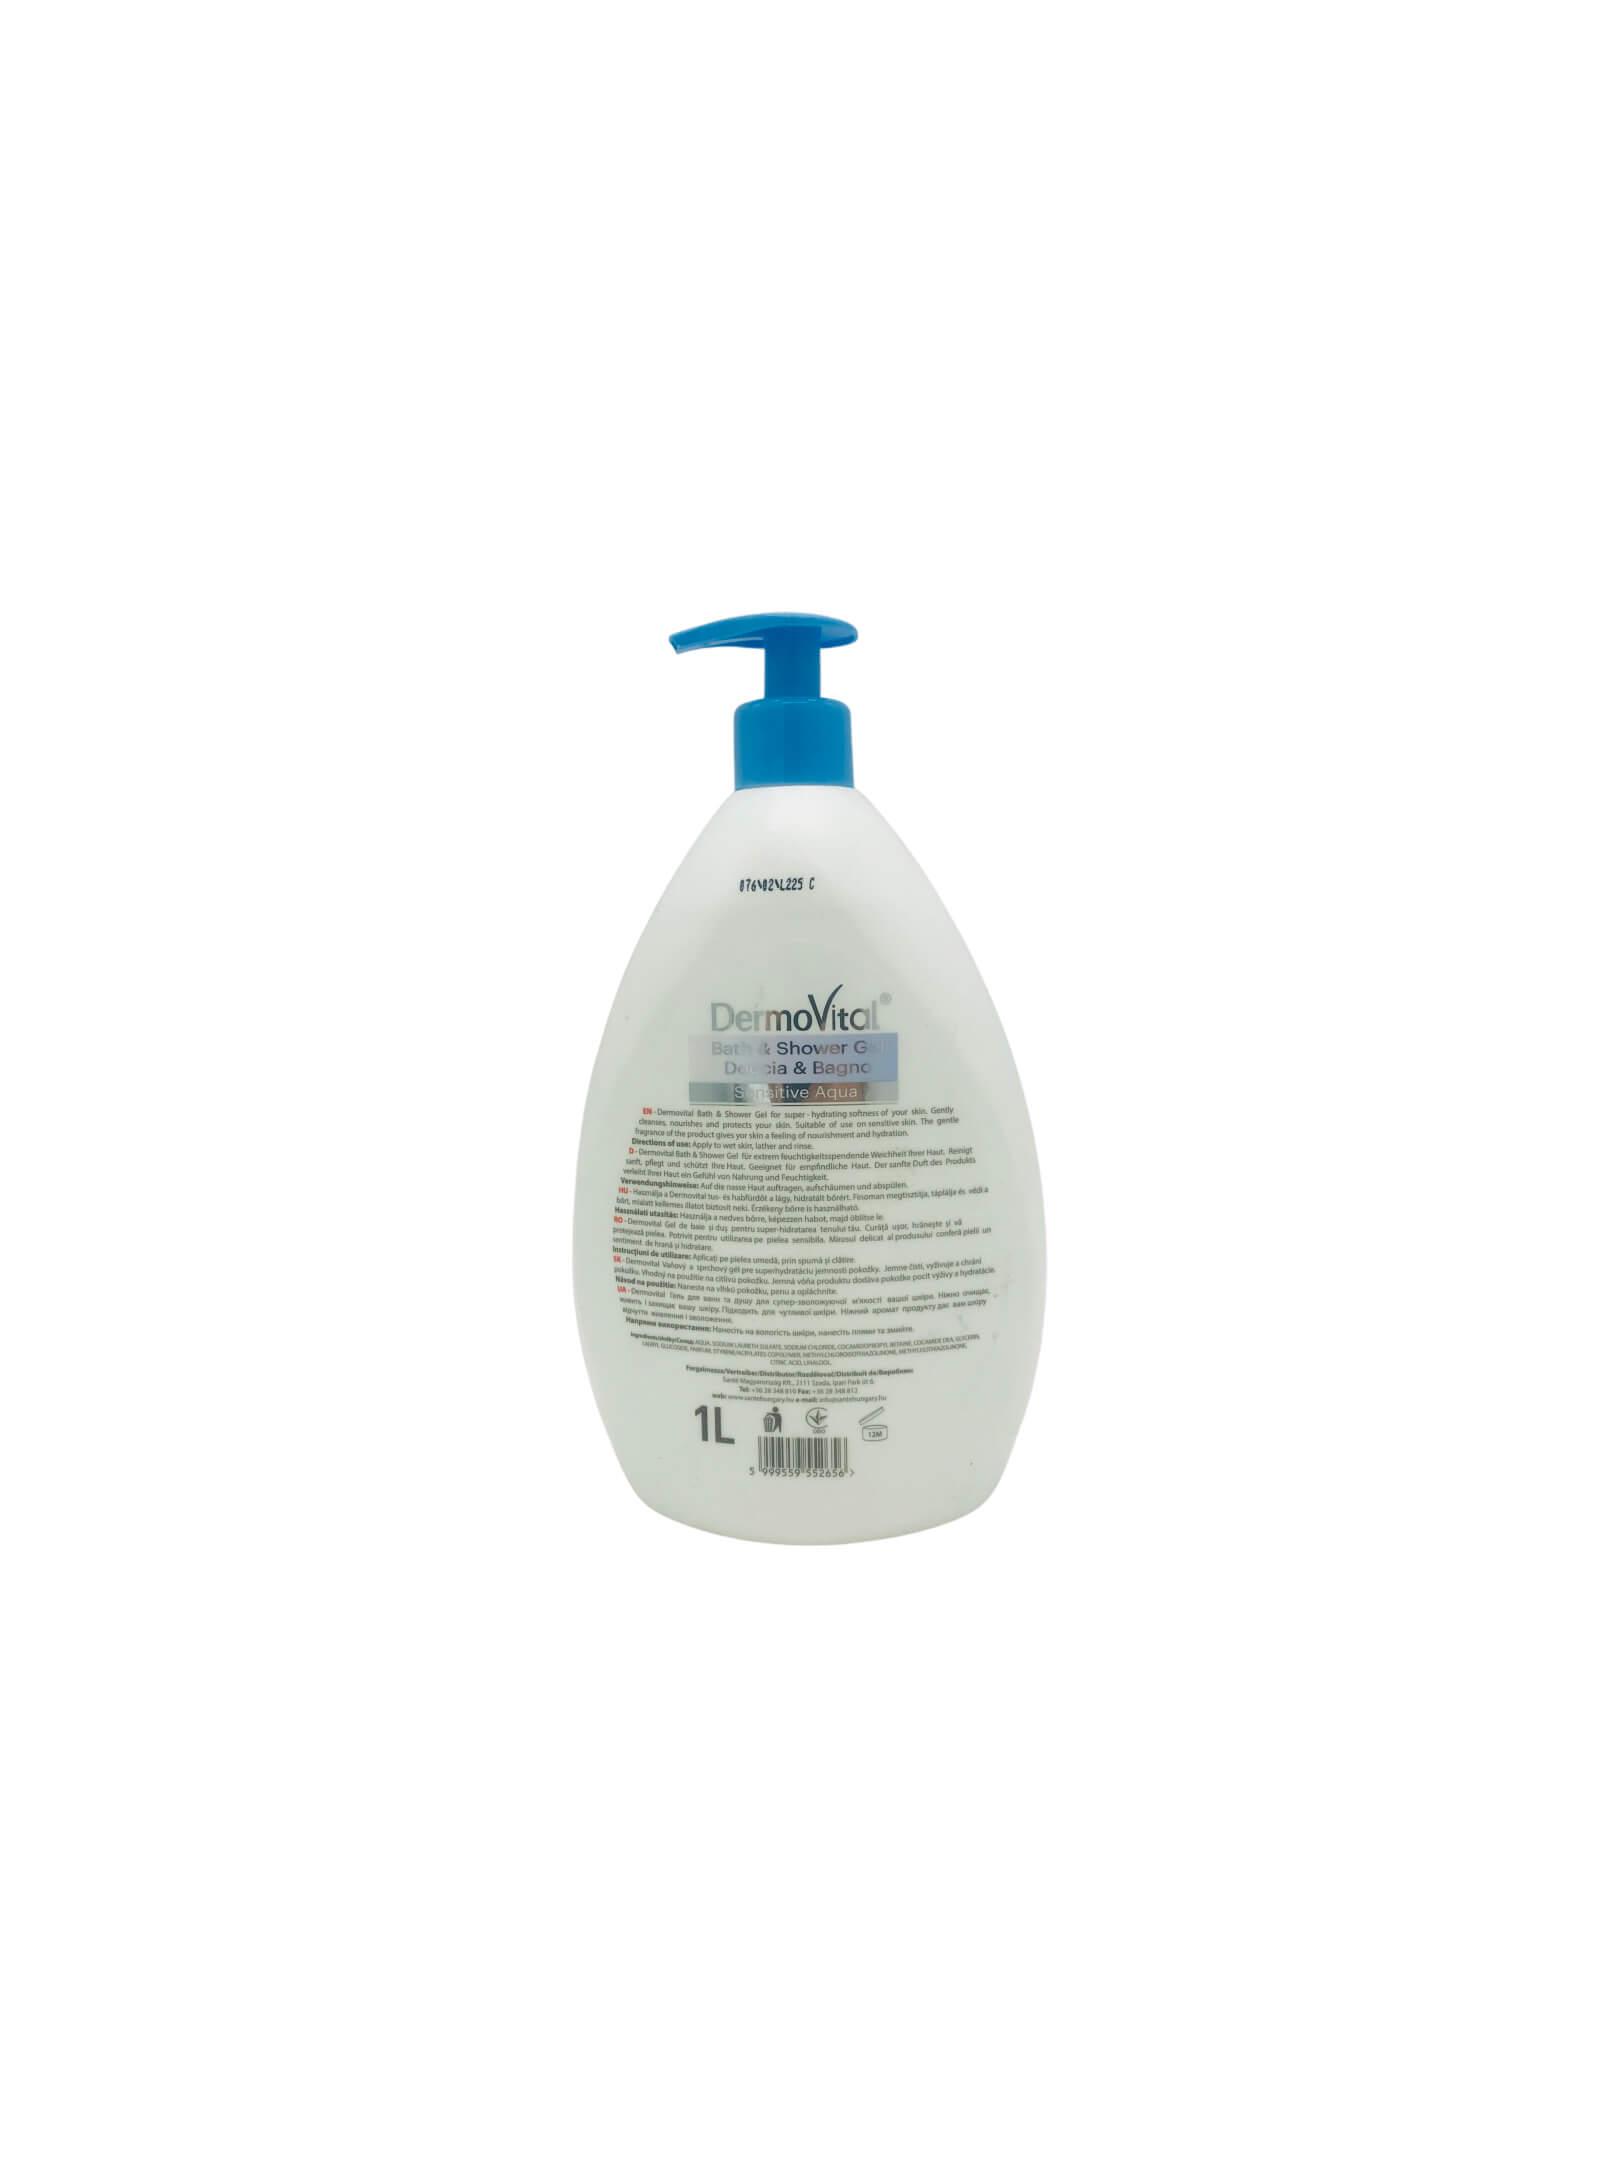 DermoVital tus- és habfürdő 1L Sensitive Aqua